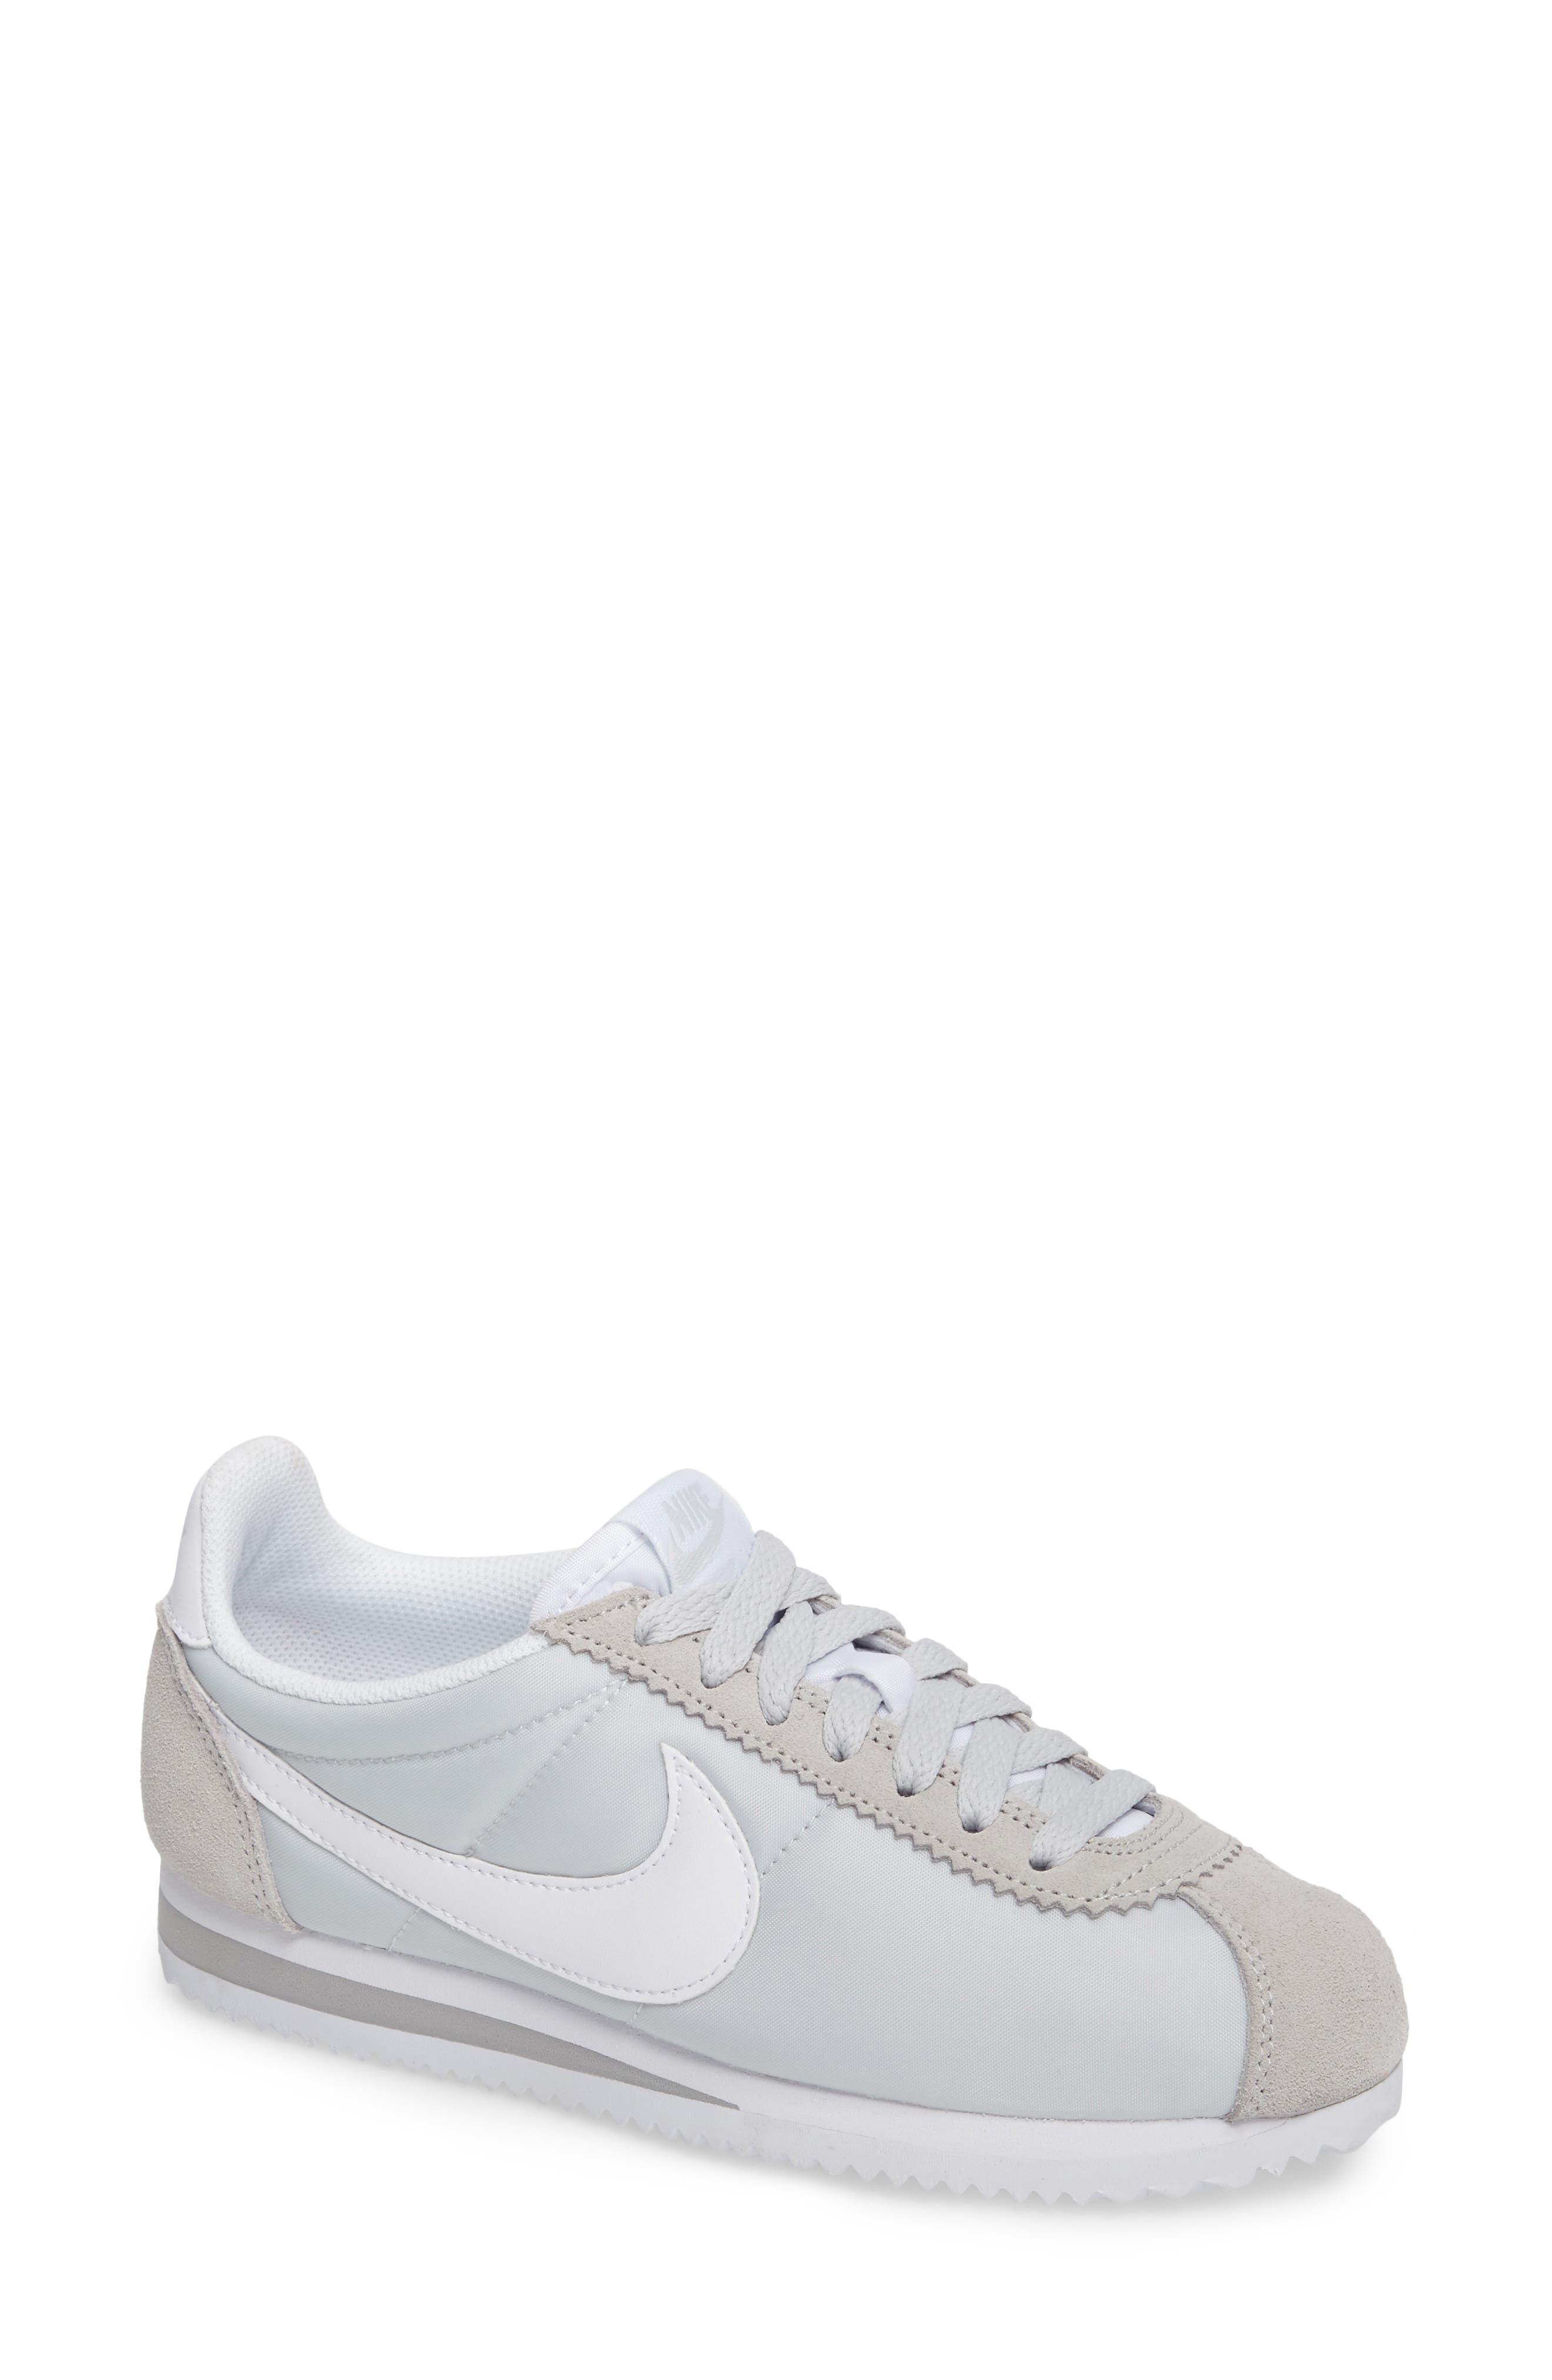 'Classic Cortez' Sneaker,                             Main thumbnail 1, color,                             Pure Platinum/ White